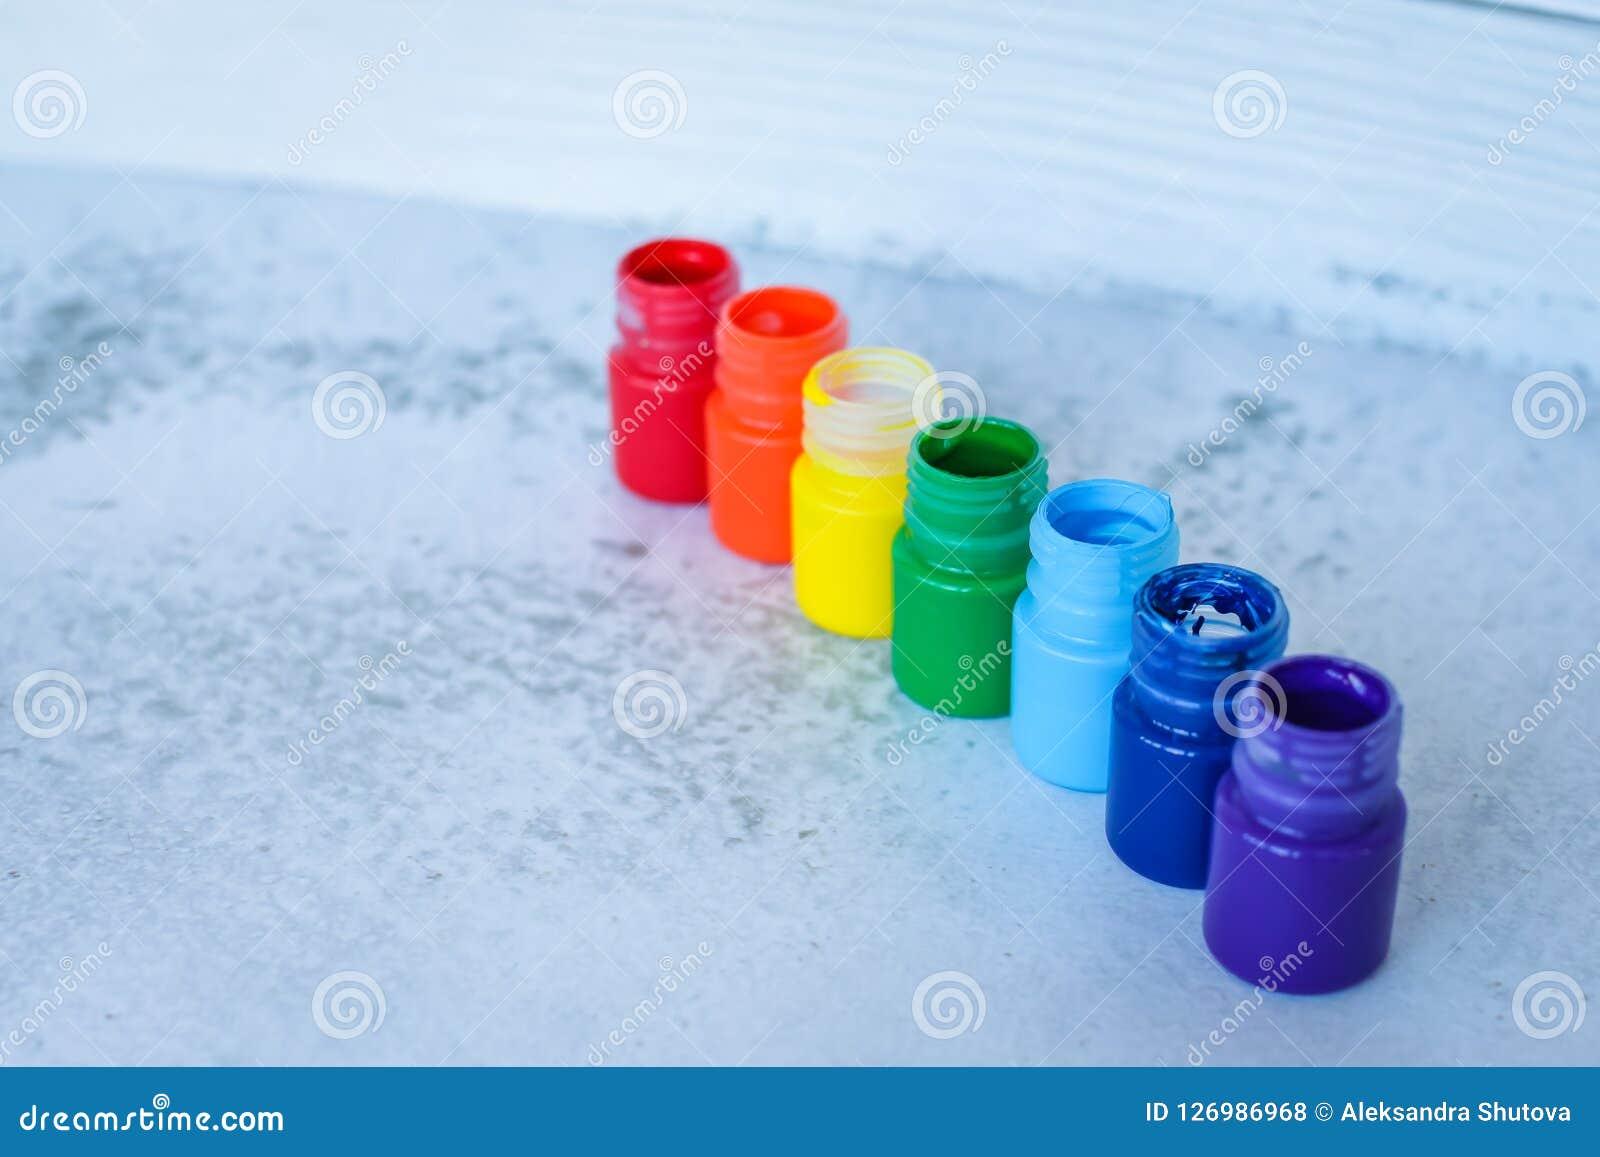 彩虹树胶水彩画颜料或丙烯酸漆在瓶子在白色难看的东西背景,选择聚焦